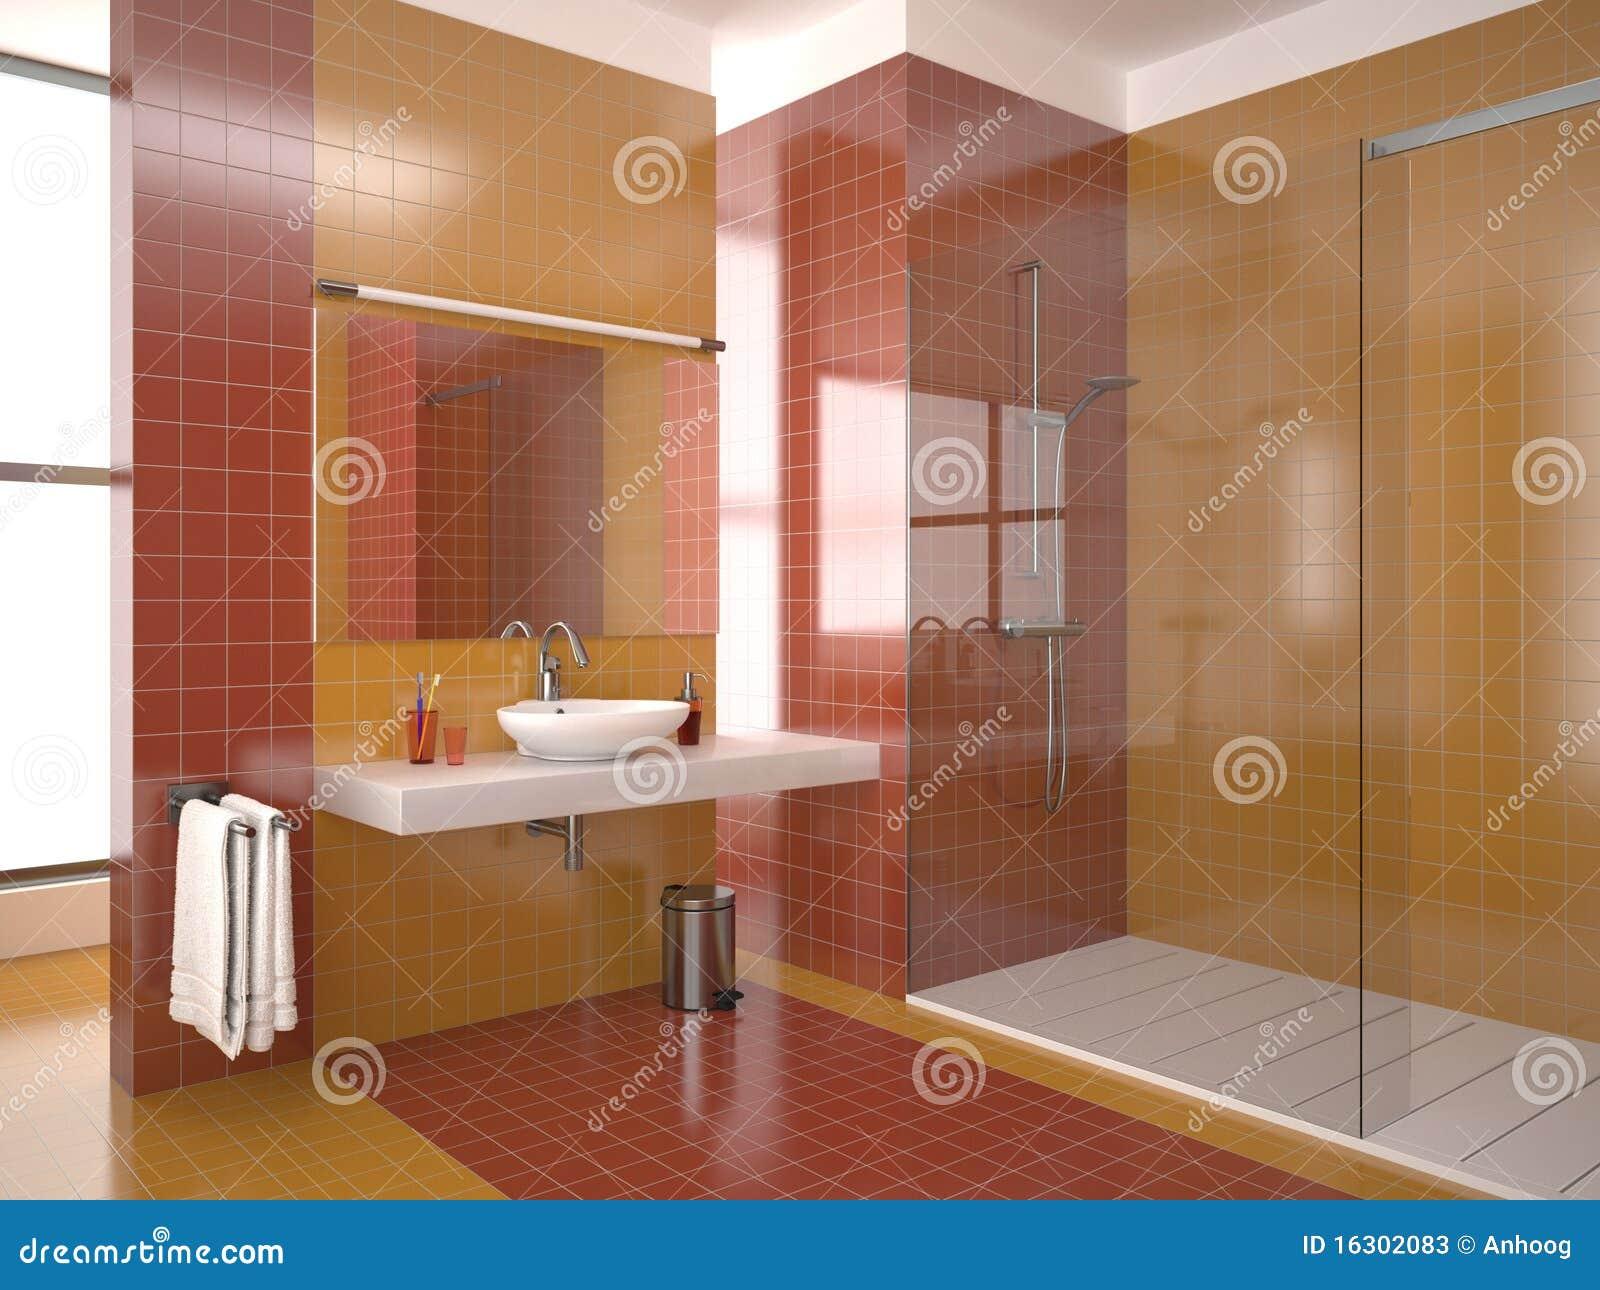 Cuarto de ba o moderno con los azulejos rojos y anaranjados fotos de archivo imagen 16302083 - Azulejos de cuarto de bano modernos ...